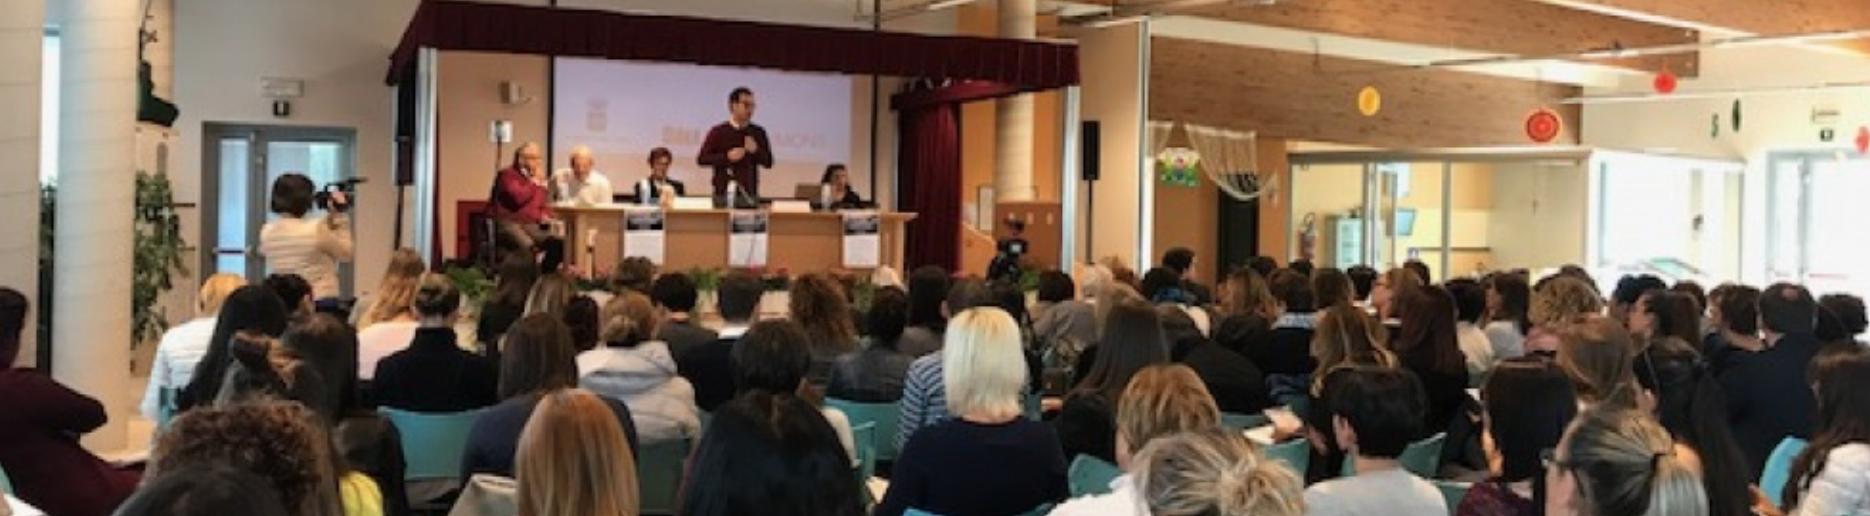 ISRE partecipa al comitato scientifico del progetto RICE – Città Educative promosso dallo IUSVE e dal Comune di Belluno